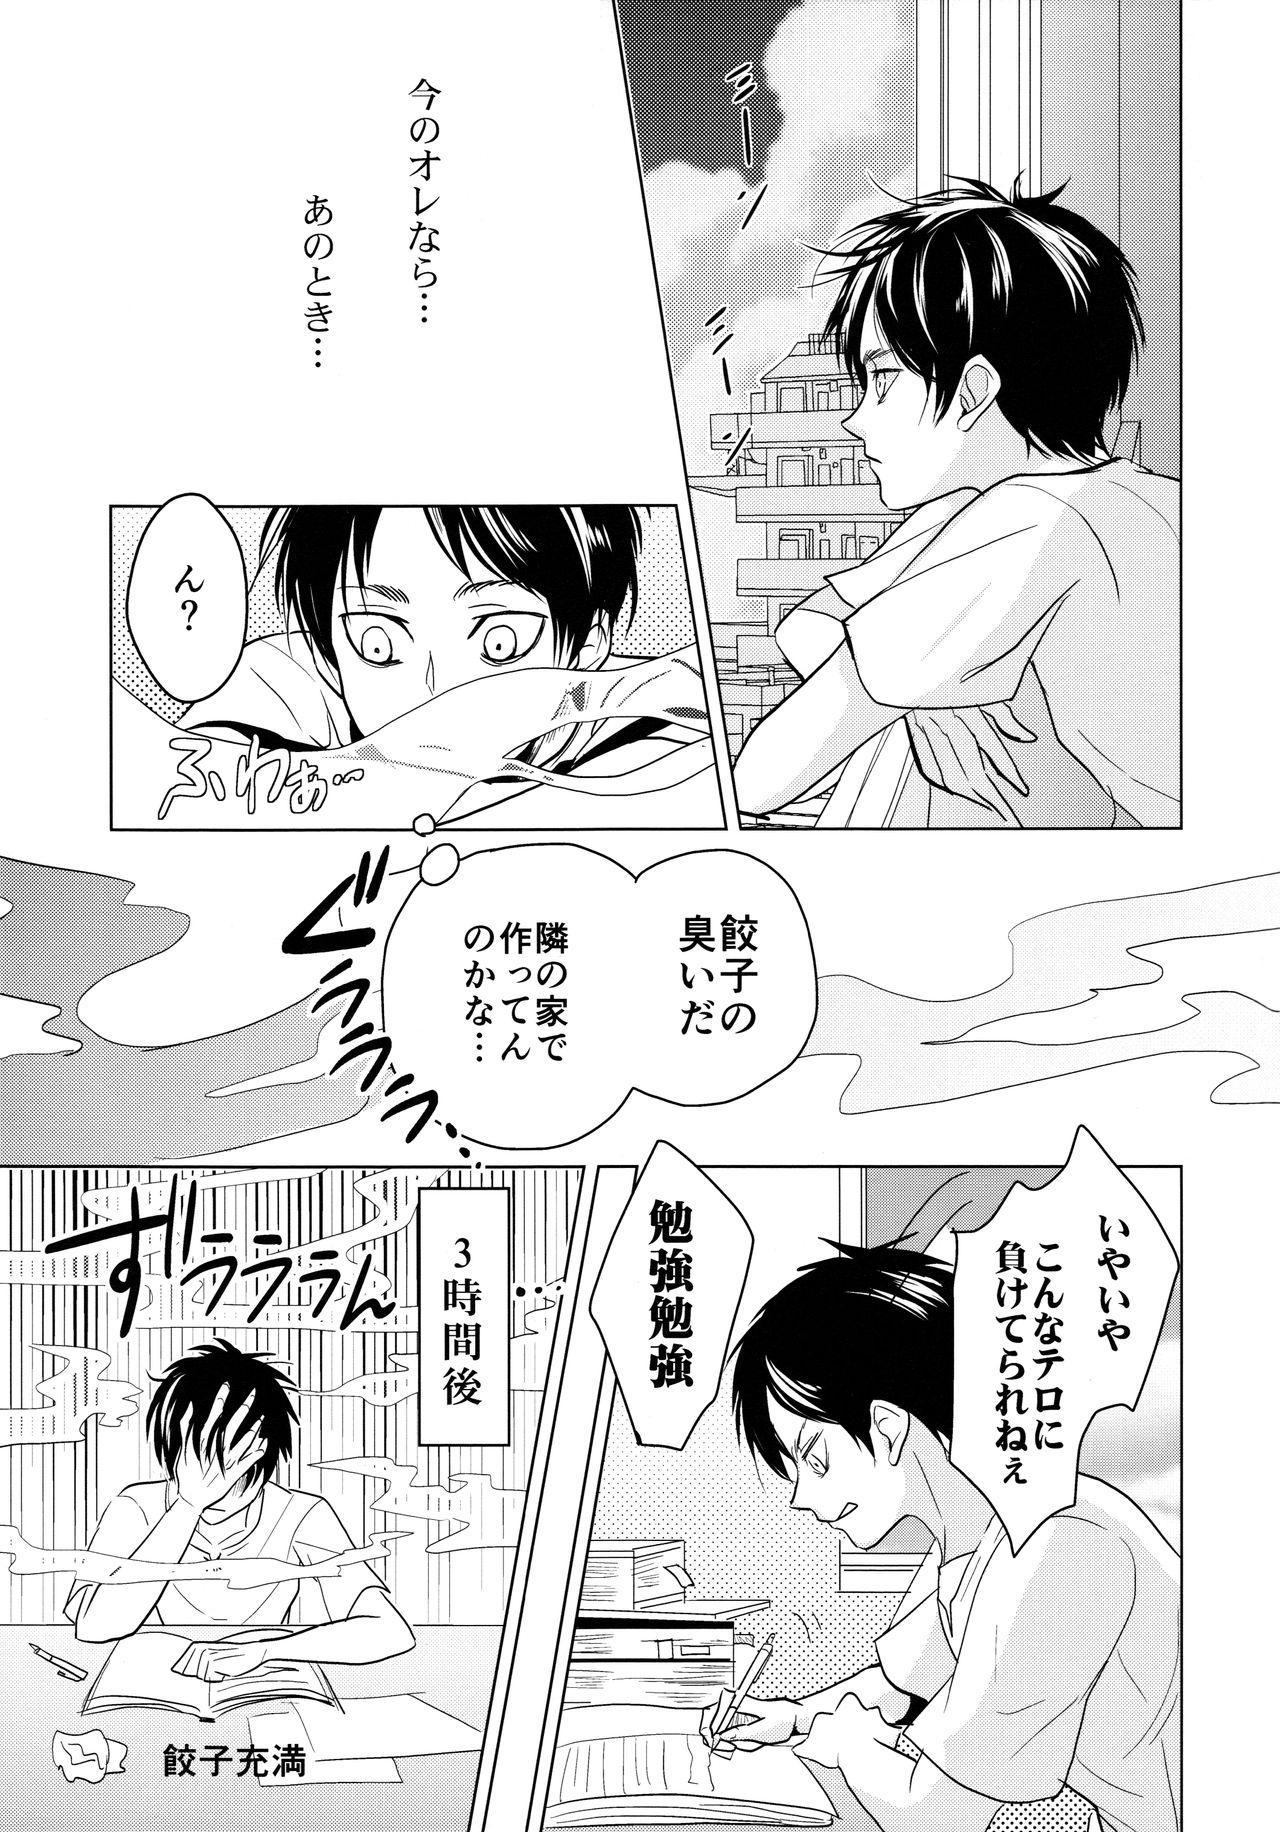 Gochidou-sama deshita. 29